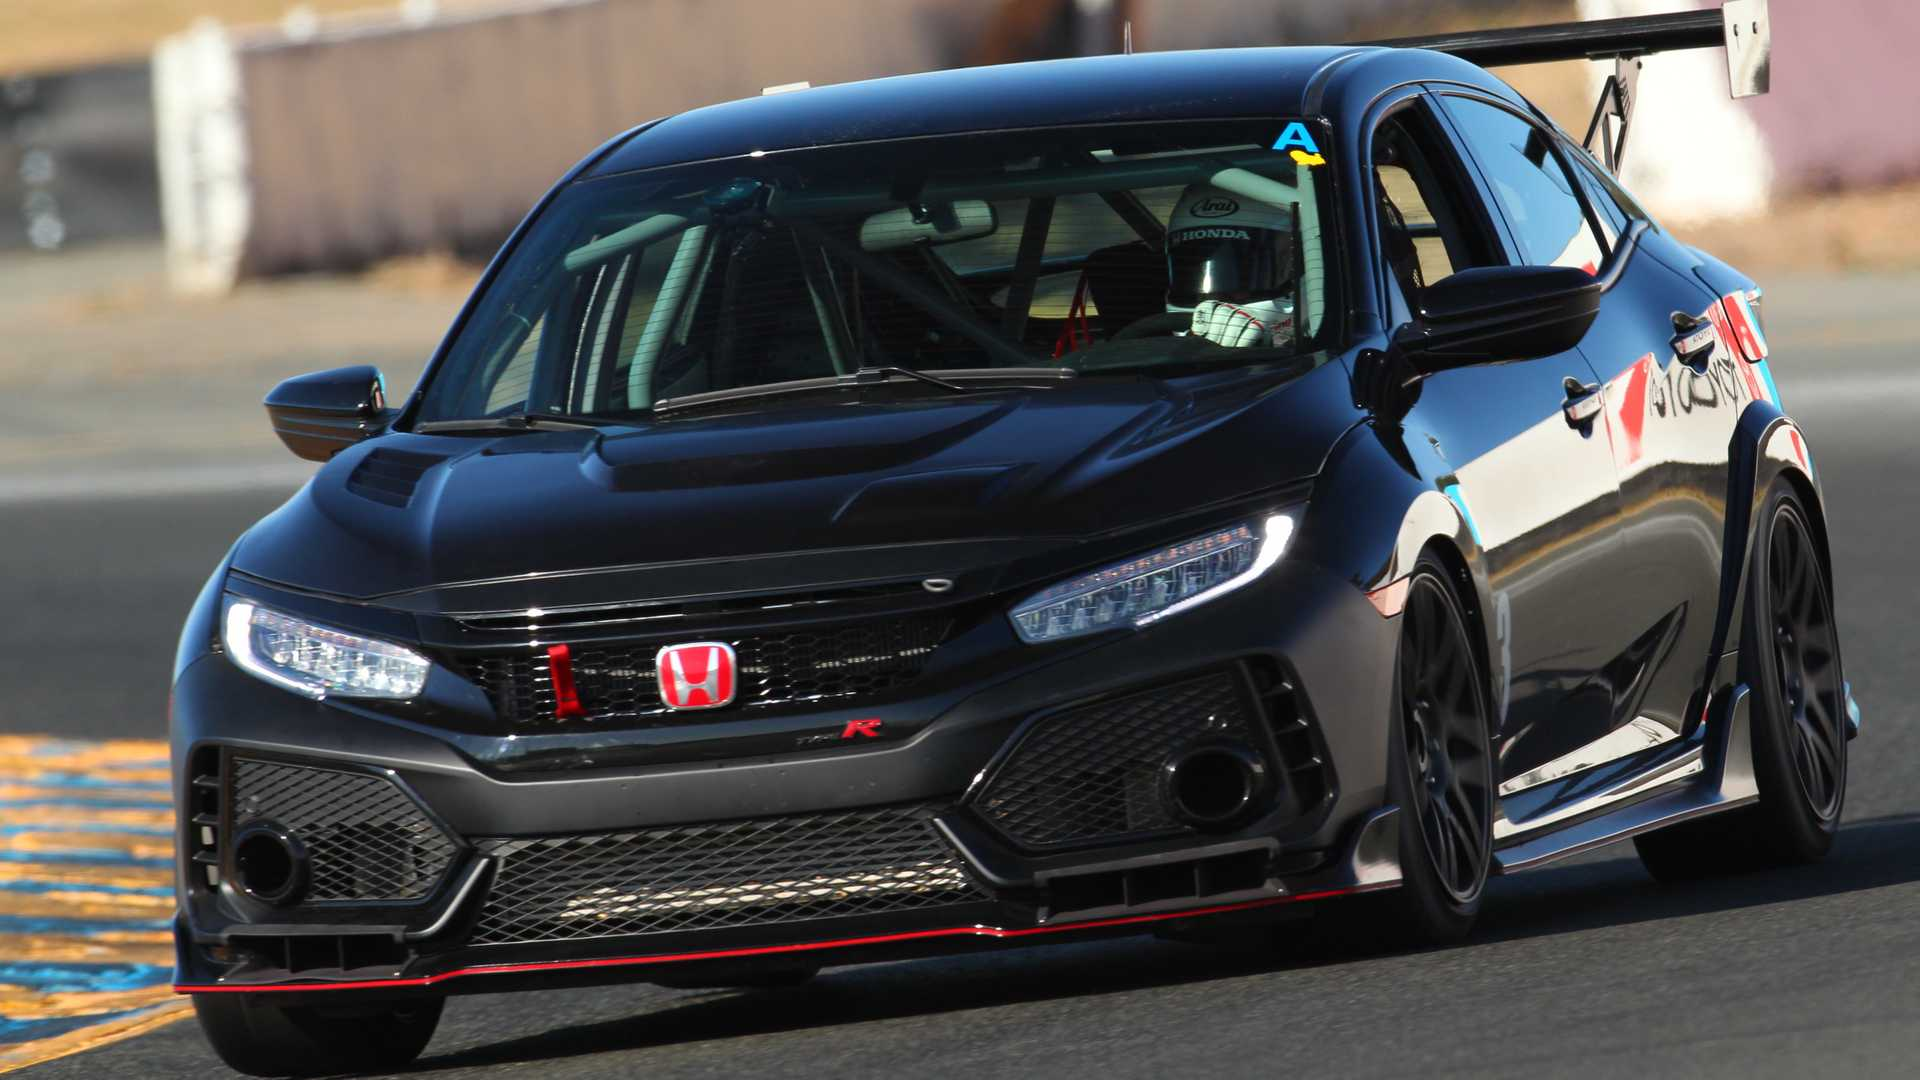 Kelebihan Honda Civic Typer Murah Berkualitas